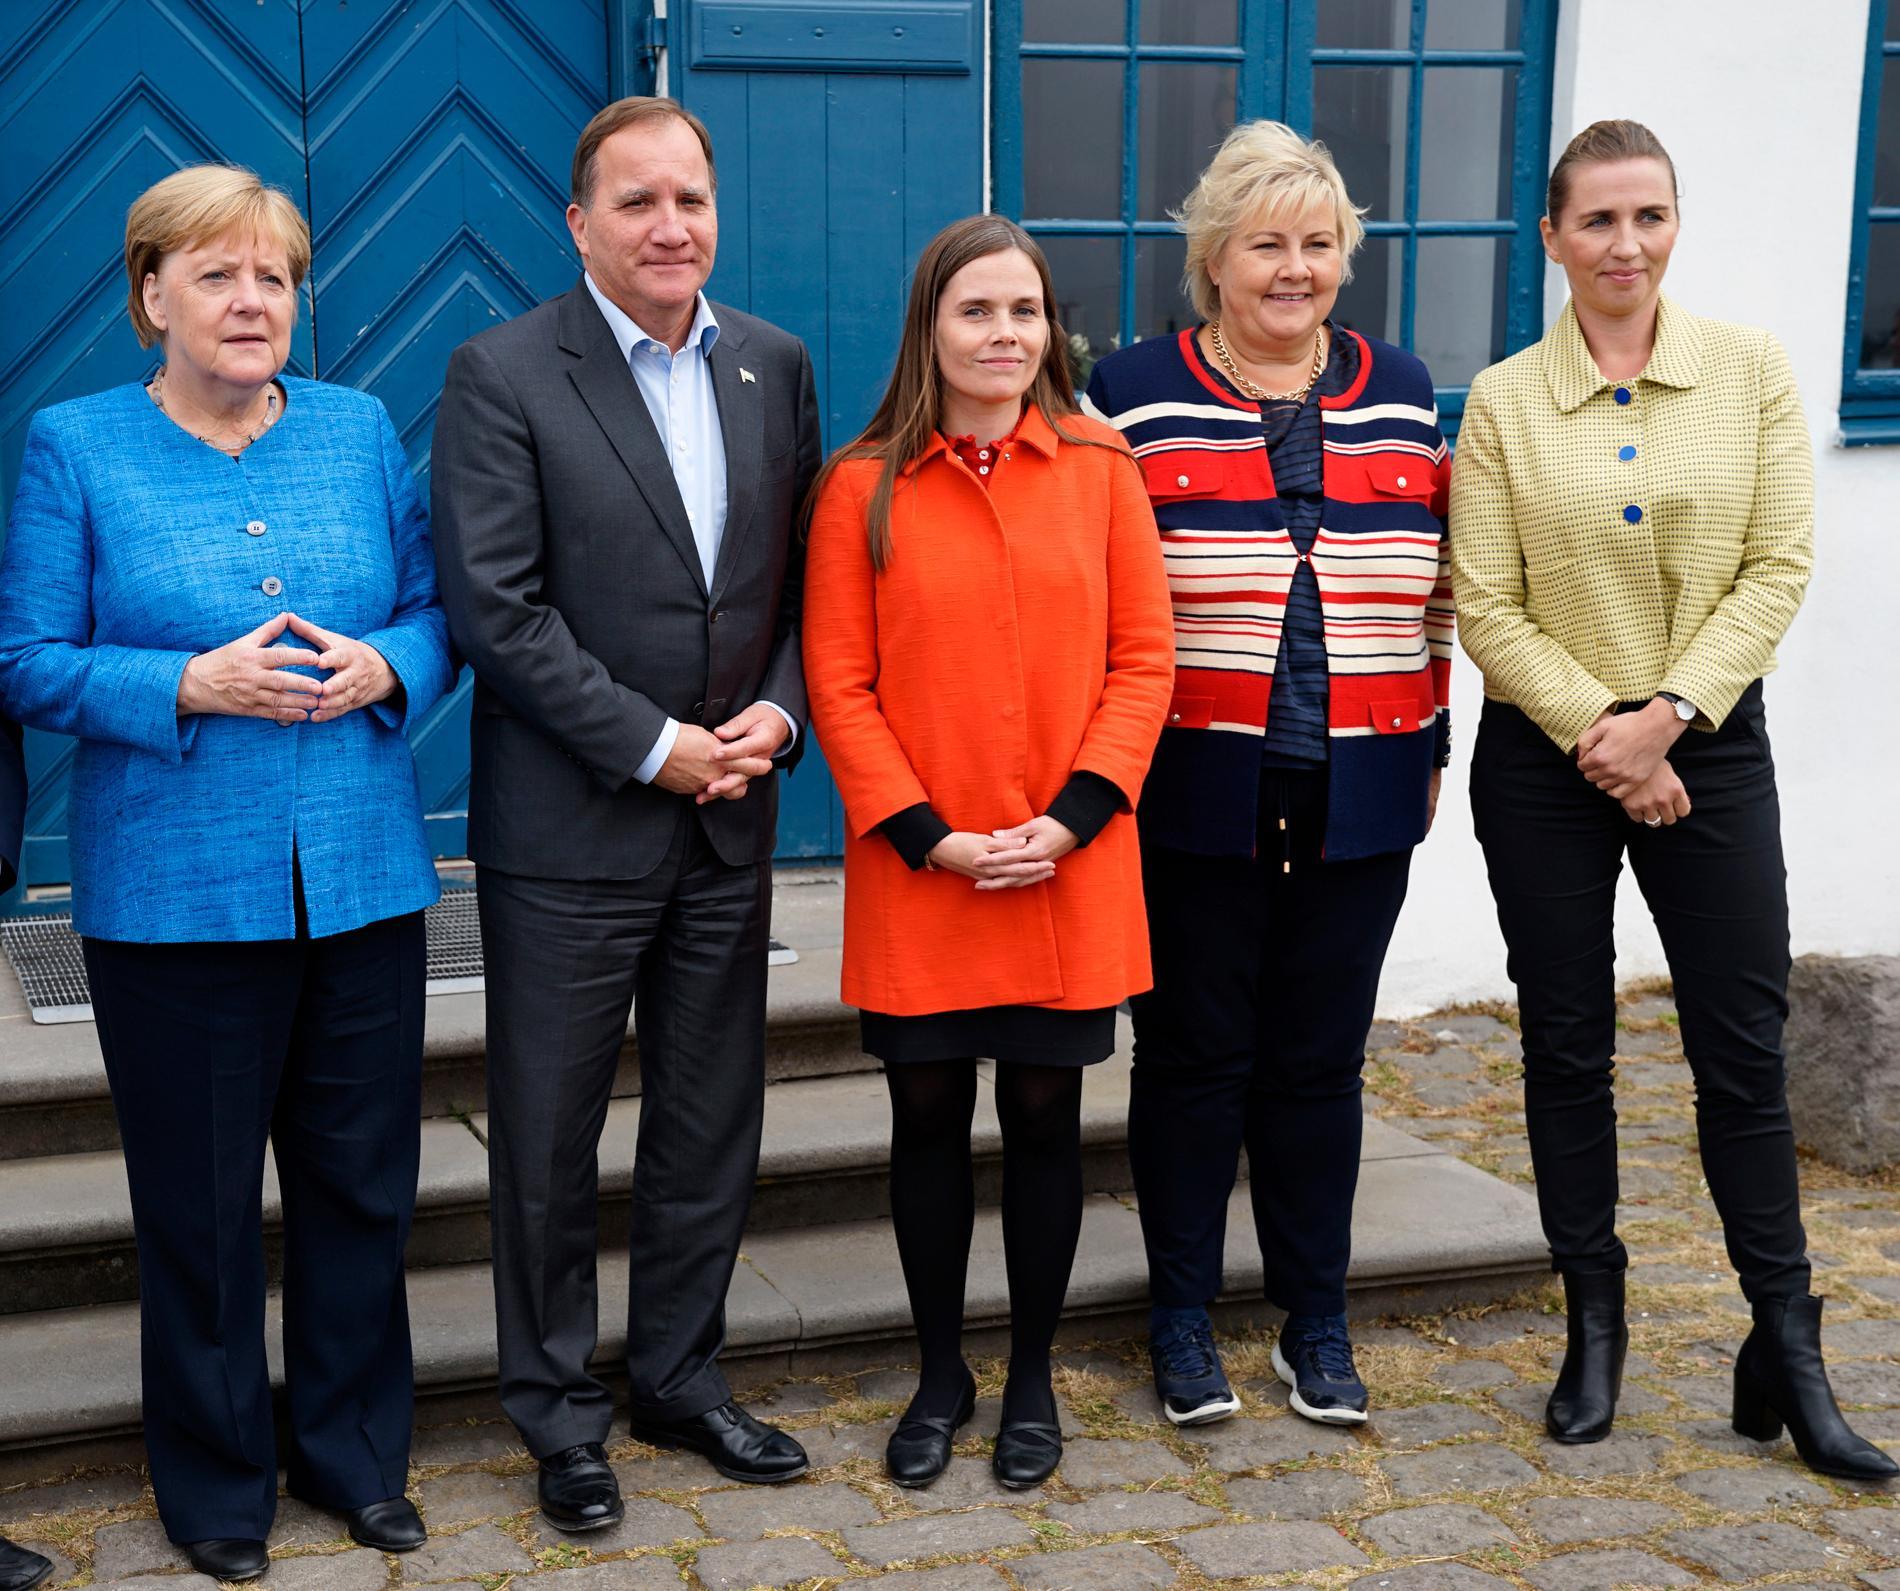 Från vänster står Tysklands förbundskansler Angela Merkel och statsministrarna Stefan Löfven (Sverige), Katrin Jakobsdottir (Island), Erna Solberg (Norge) och Mette Frederiksen (Danmark). Bilden är tagen i Reykjavik i augusti 2019.